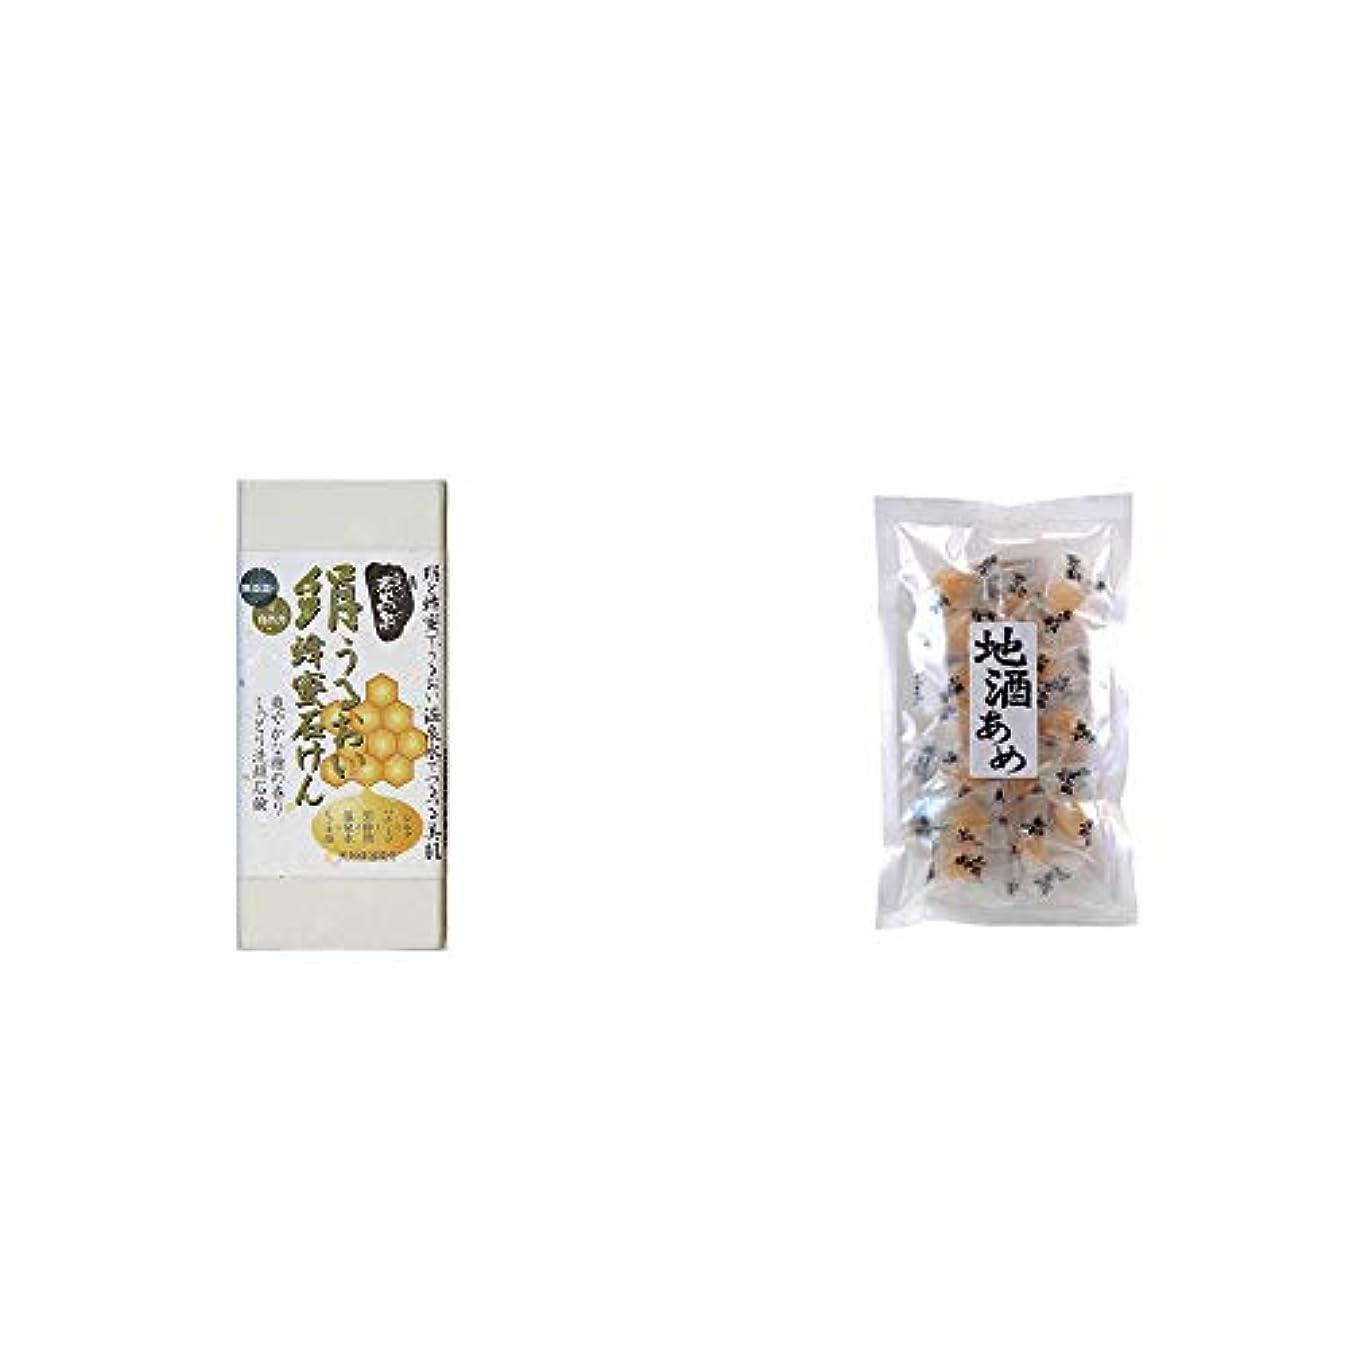 分潮二週間[2点セット] ひのき炭黒泉 絹うるおい蜂蜜石けん(75g×2)?地酒あめ(15粒)